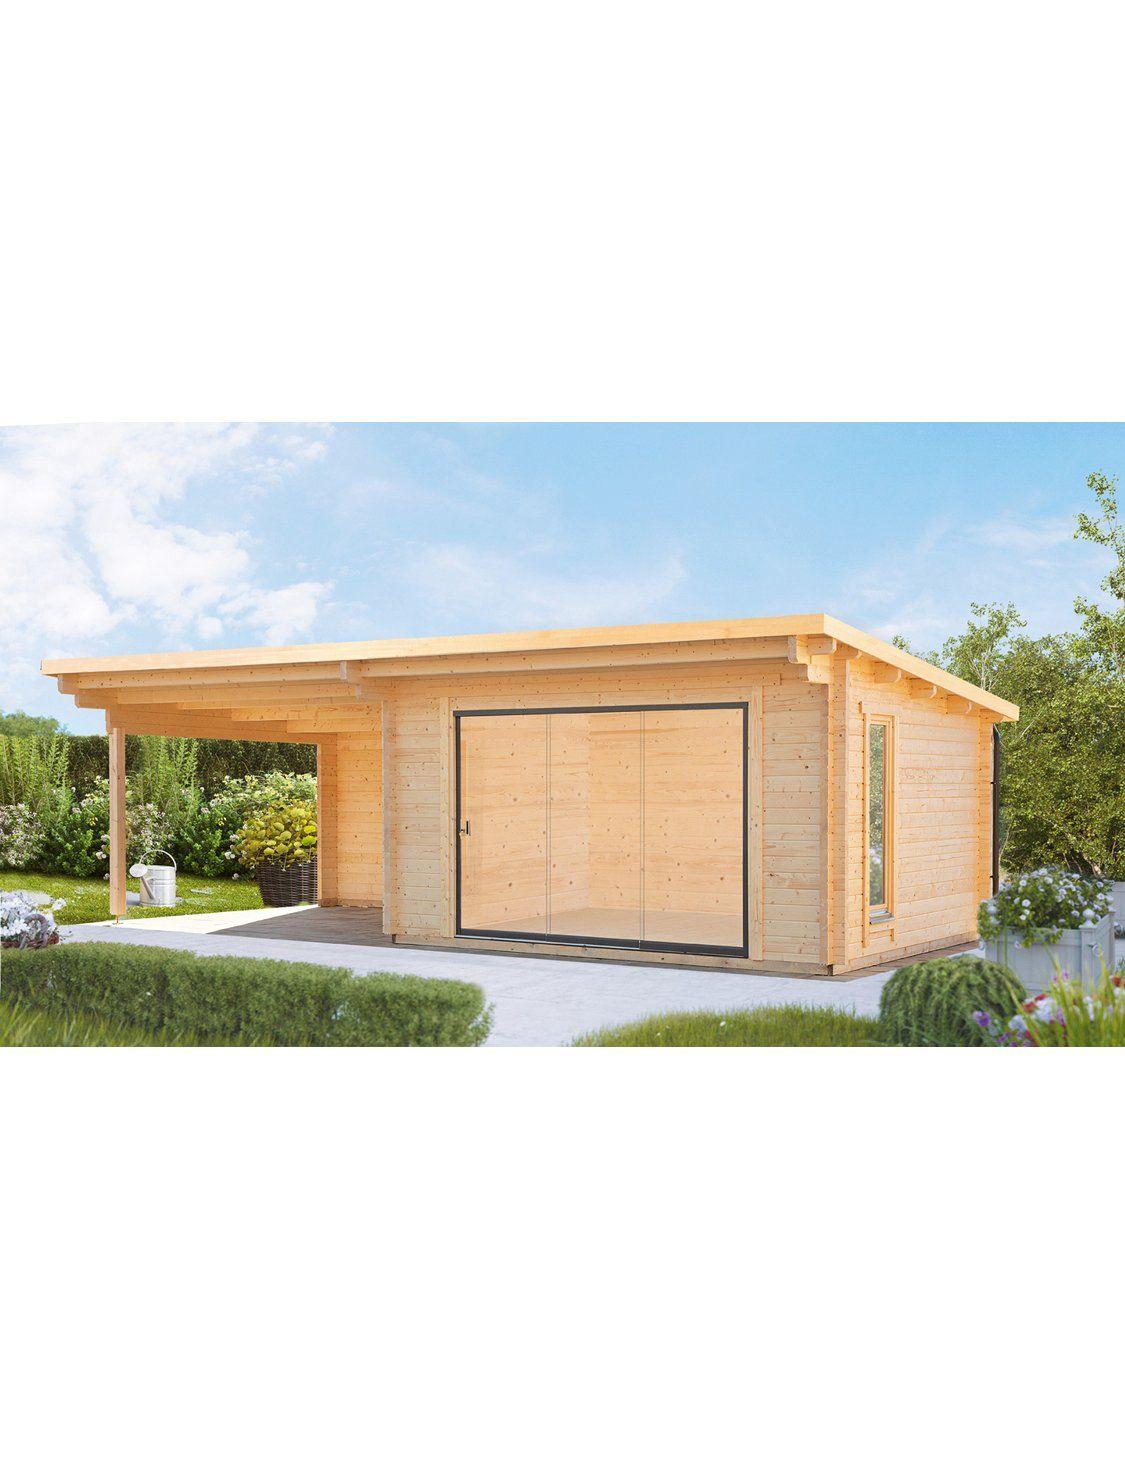 Wolff Finnhaus Holz Gartenhaus Trondheim 70 D Bxt 830x360cm Rechts 380cm Anbau Kaufen Bei Obi Gartenhaus Haus Gartenhaus Tur